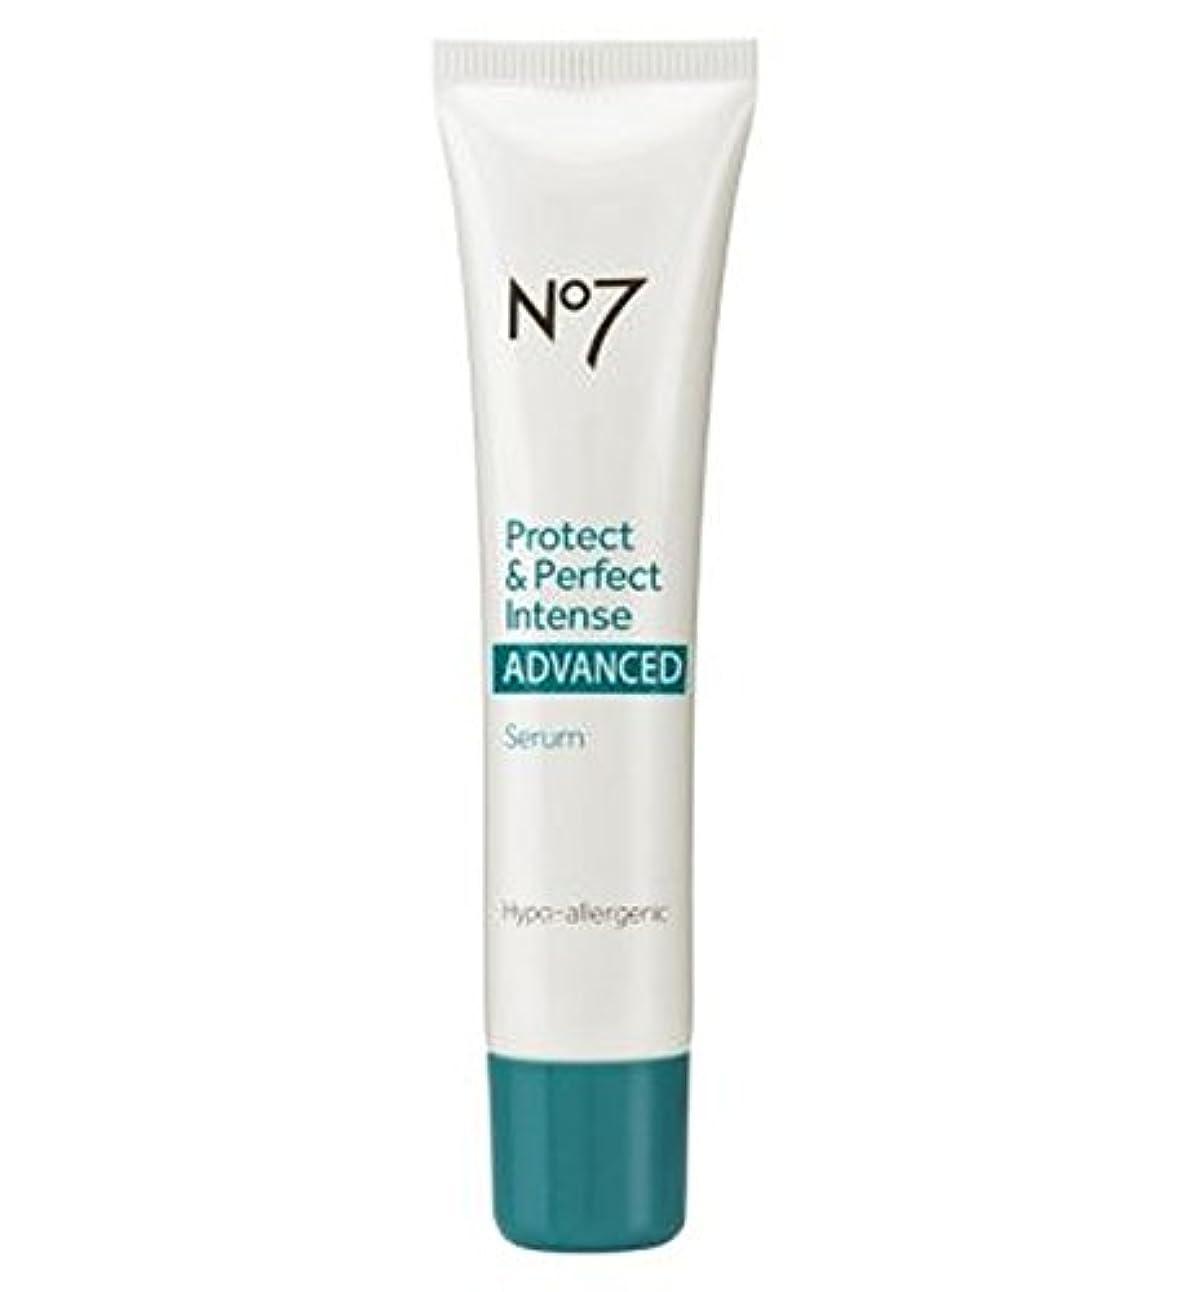 励起折るキャベツNo7保護&完璧な強烈な高度な血清30ミリリットル (No7) (x2) - No7 Protect & Perfect Intense ADVANCED Serum 30ml (Pack of 2) [並行輸入品]